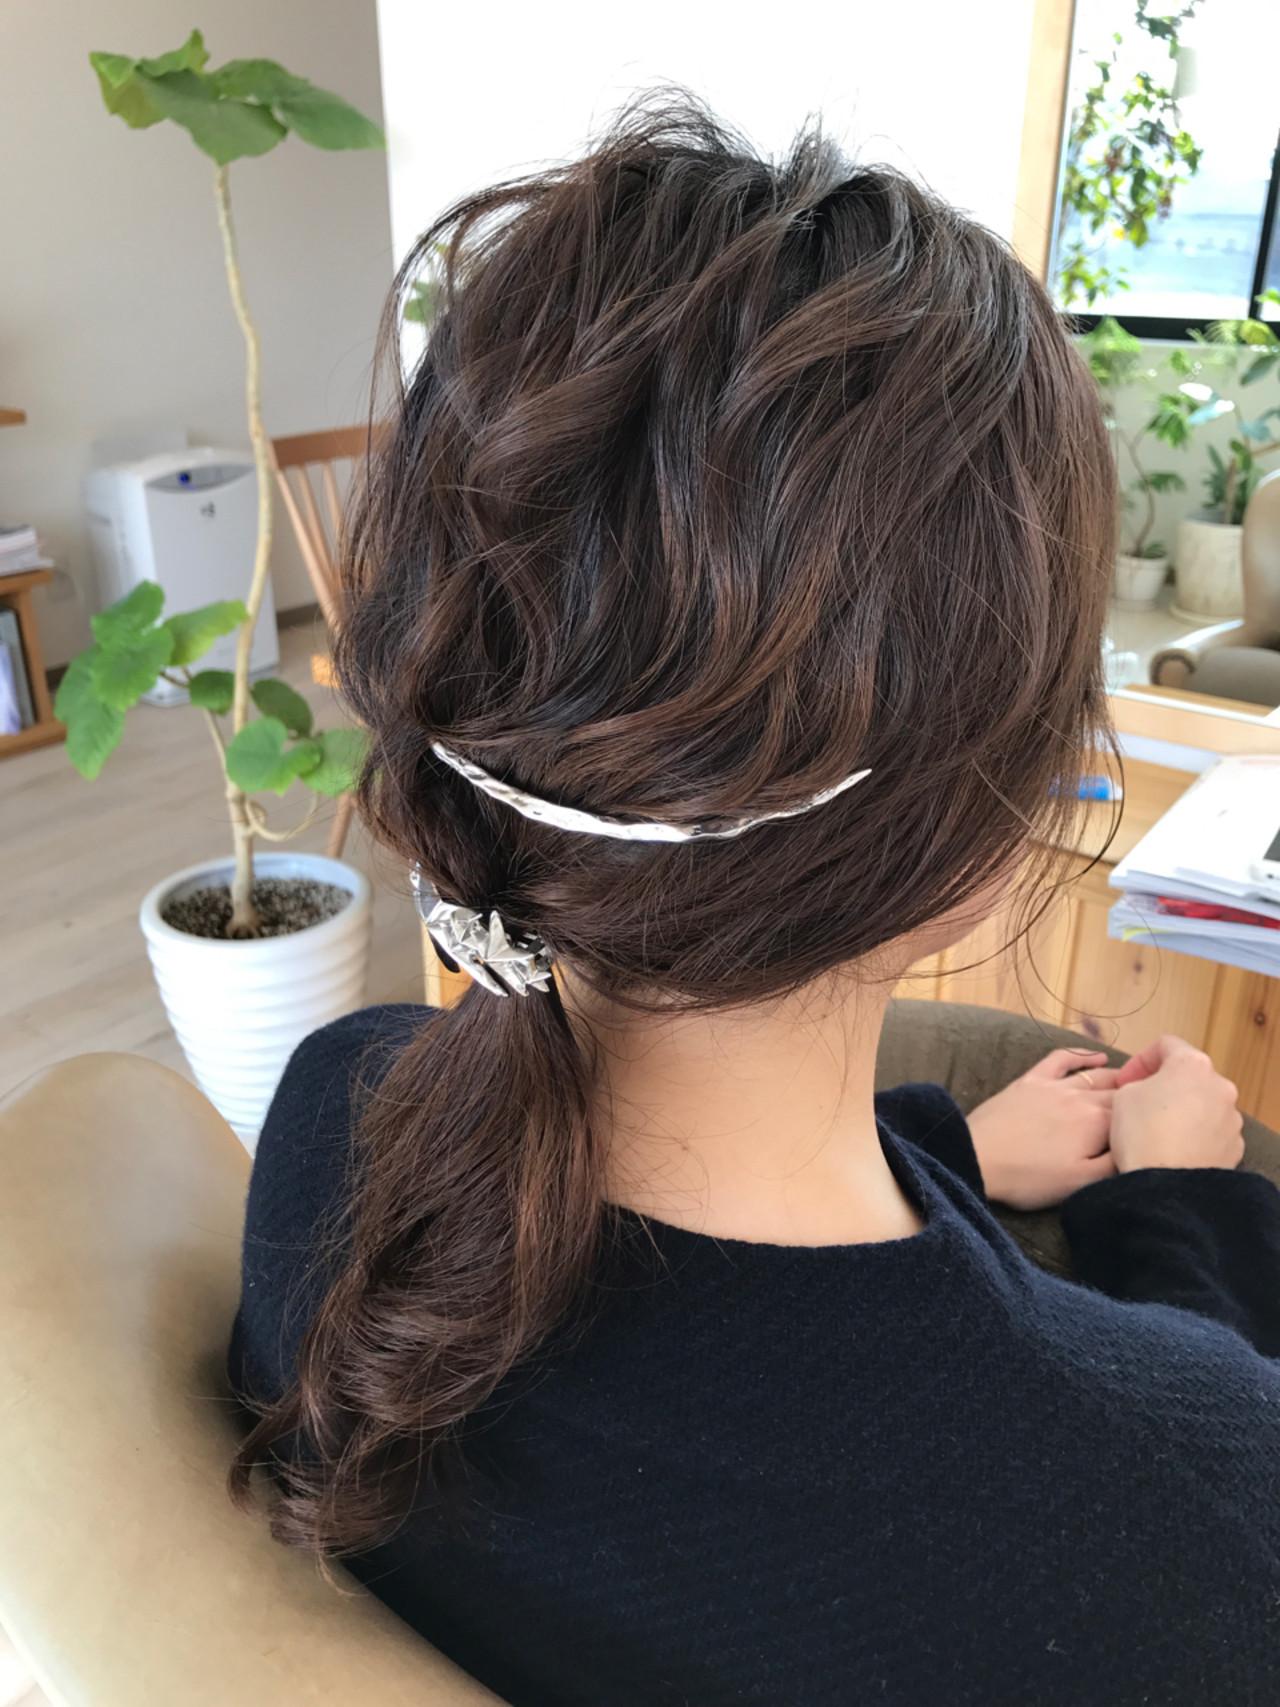 簡単ヘアアレンジ ショート ヘアアレンジ こなれ感 ヘアスタイルや髪型の写真・画像 | 宇渡 裕一 / Lillie hair&spa